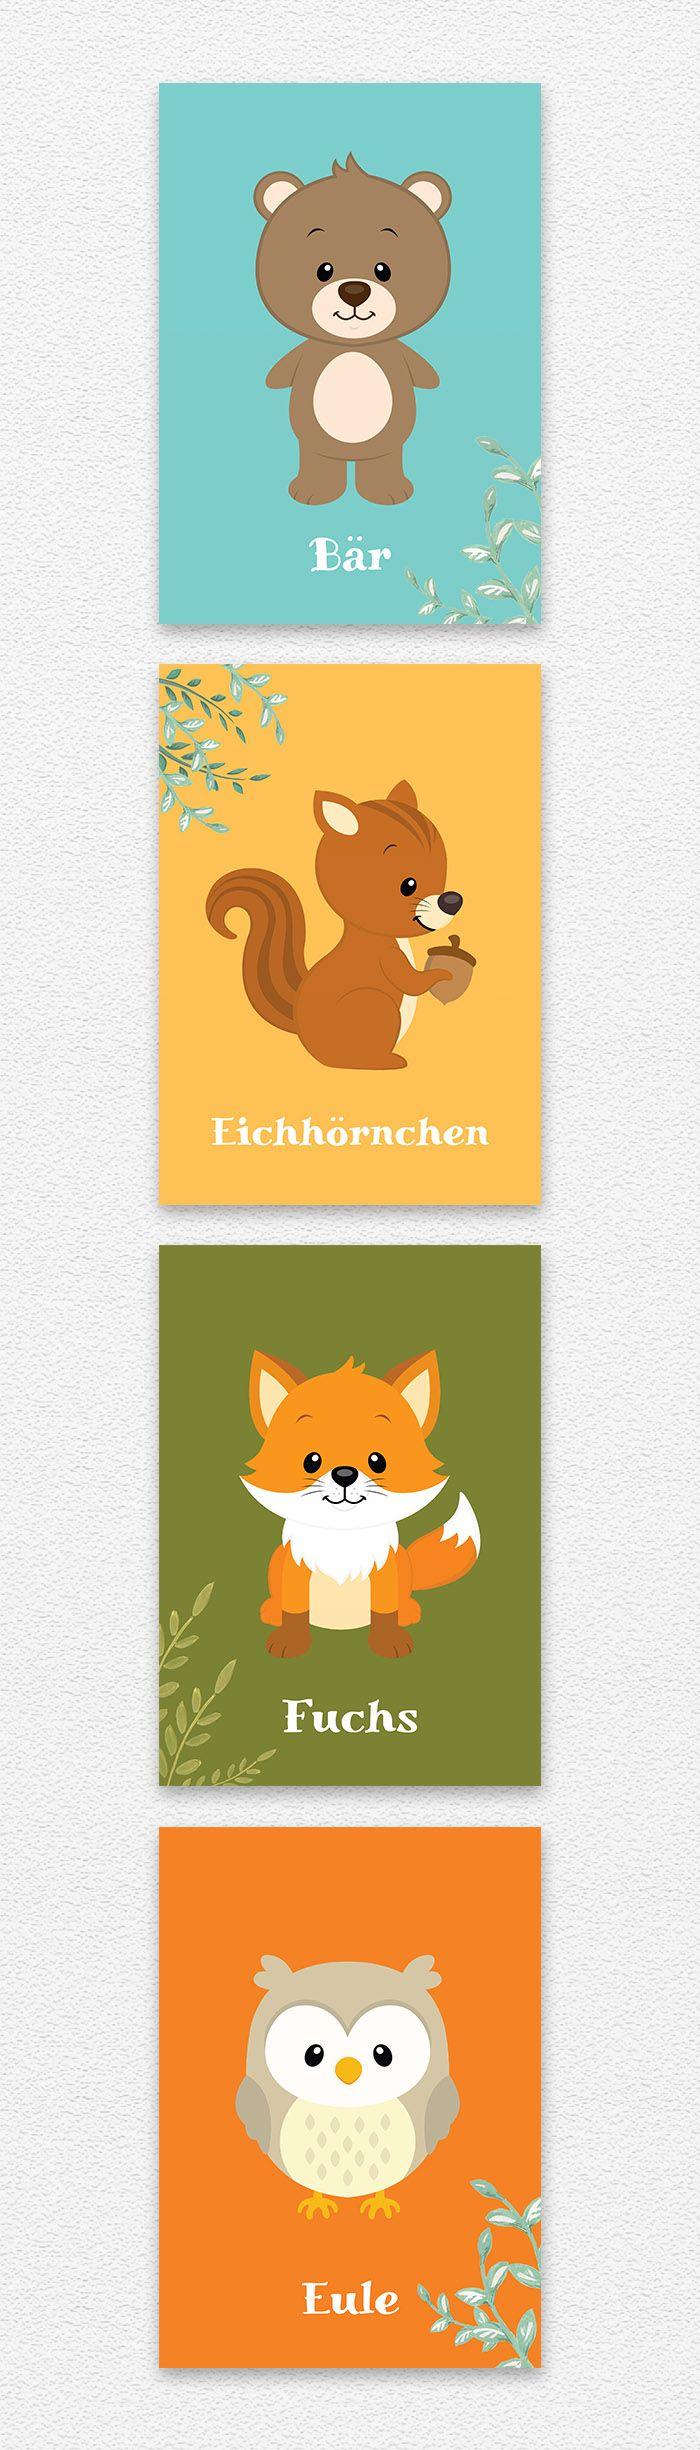 Details zu Buntes Wald Tiere Bild Set A4 Bär Eichhörnchen Eule Fuchs ...